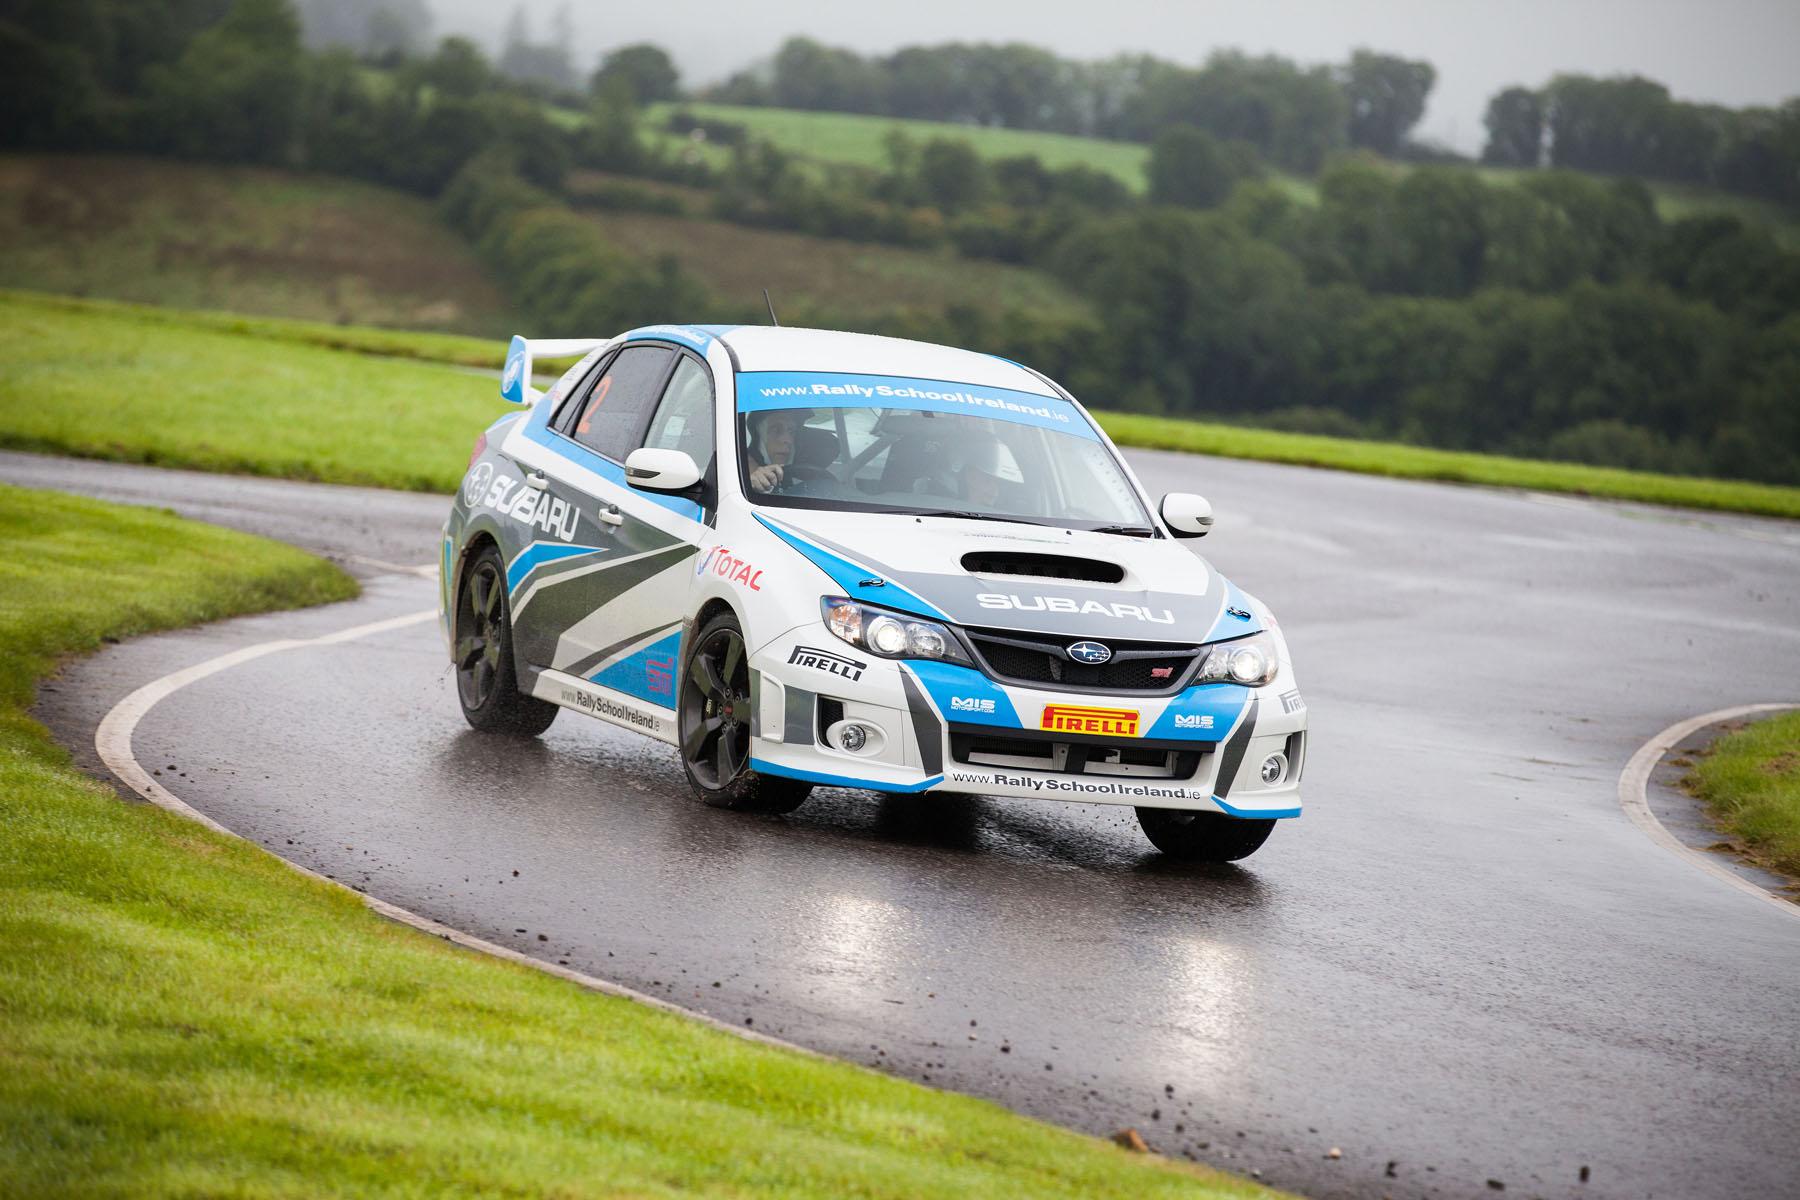 Subaru Turbo Rally Experience Half Day - 24 Laps - Rally School Ireland